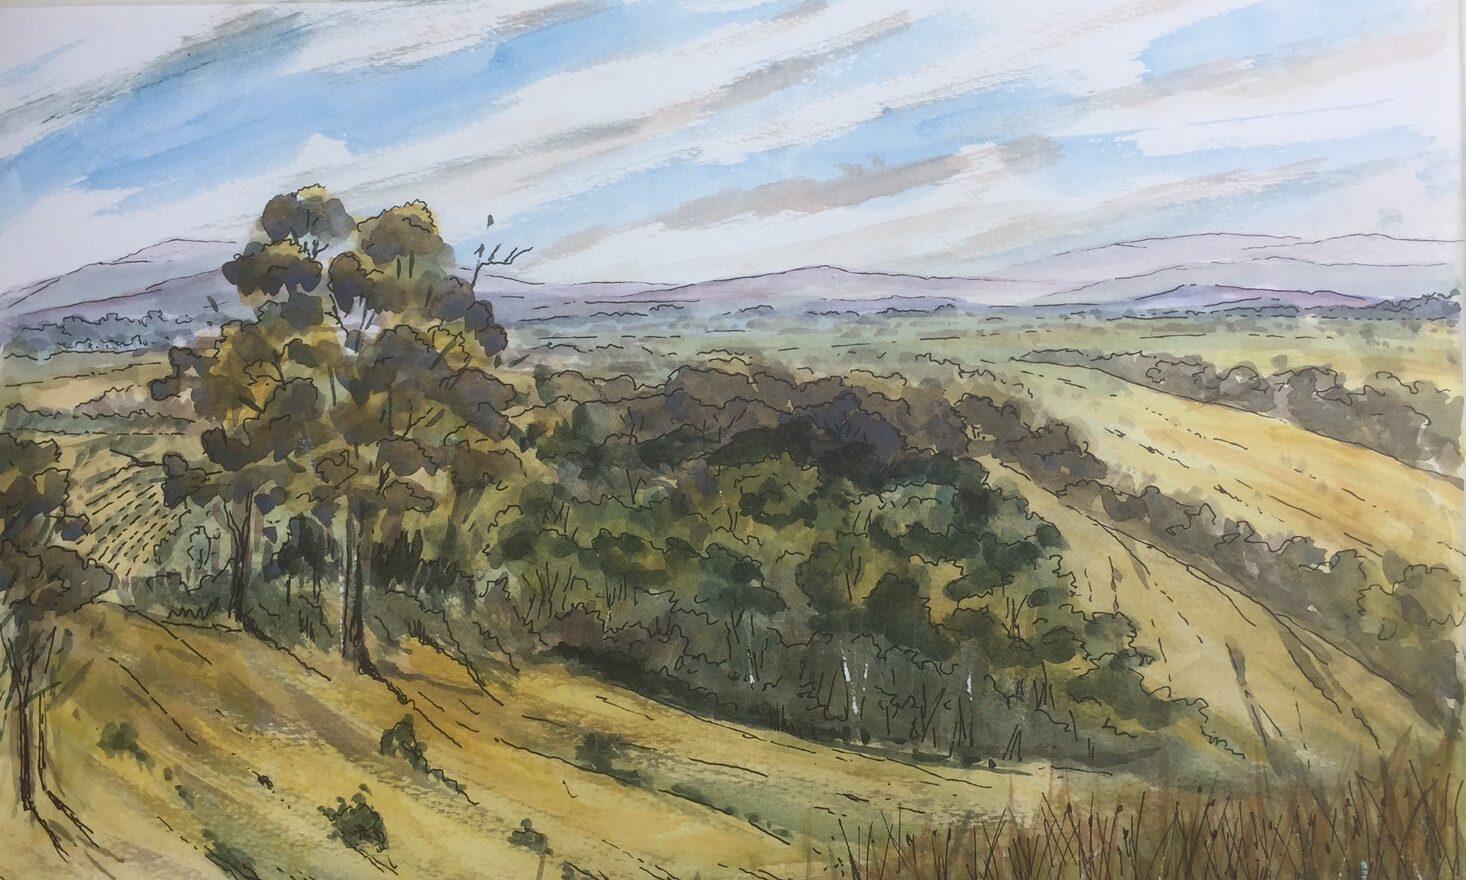 Ray Jones - Kangaroo Ground 2